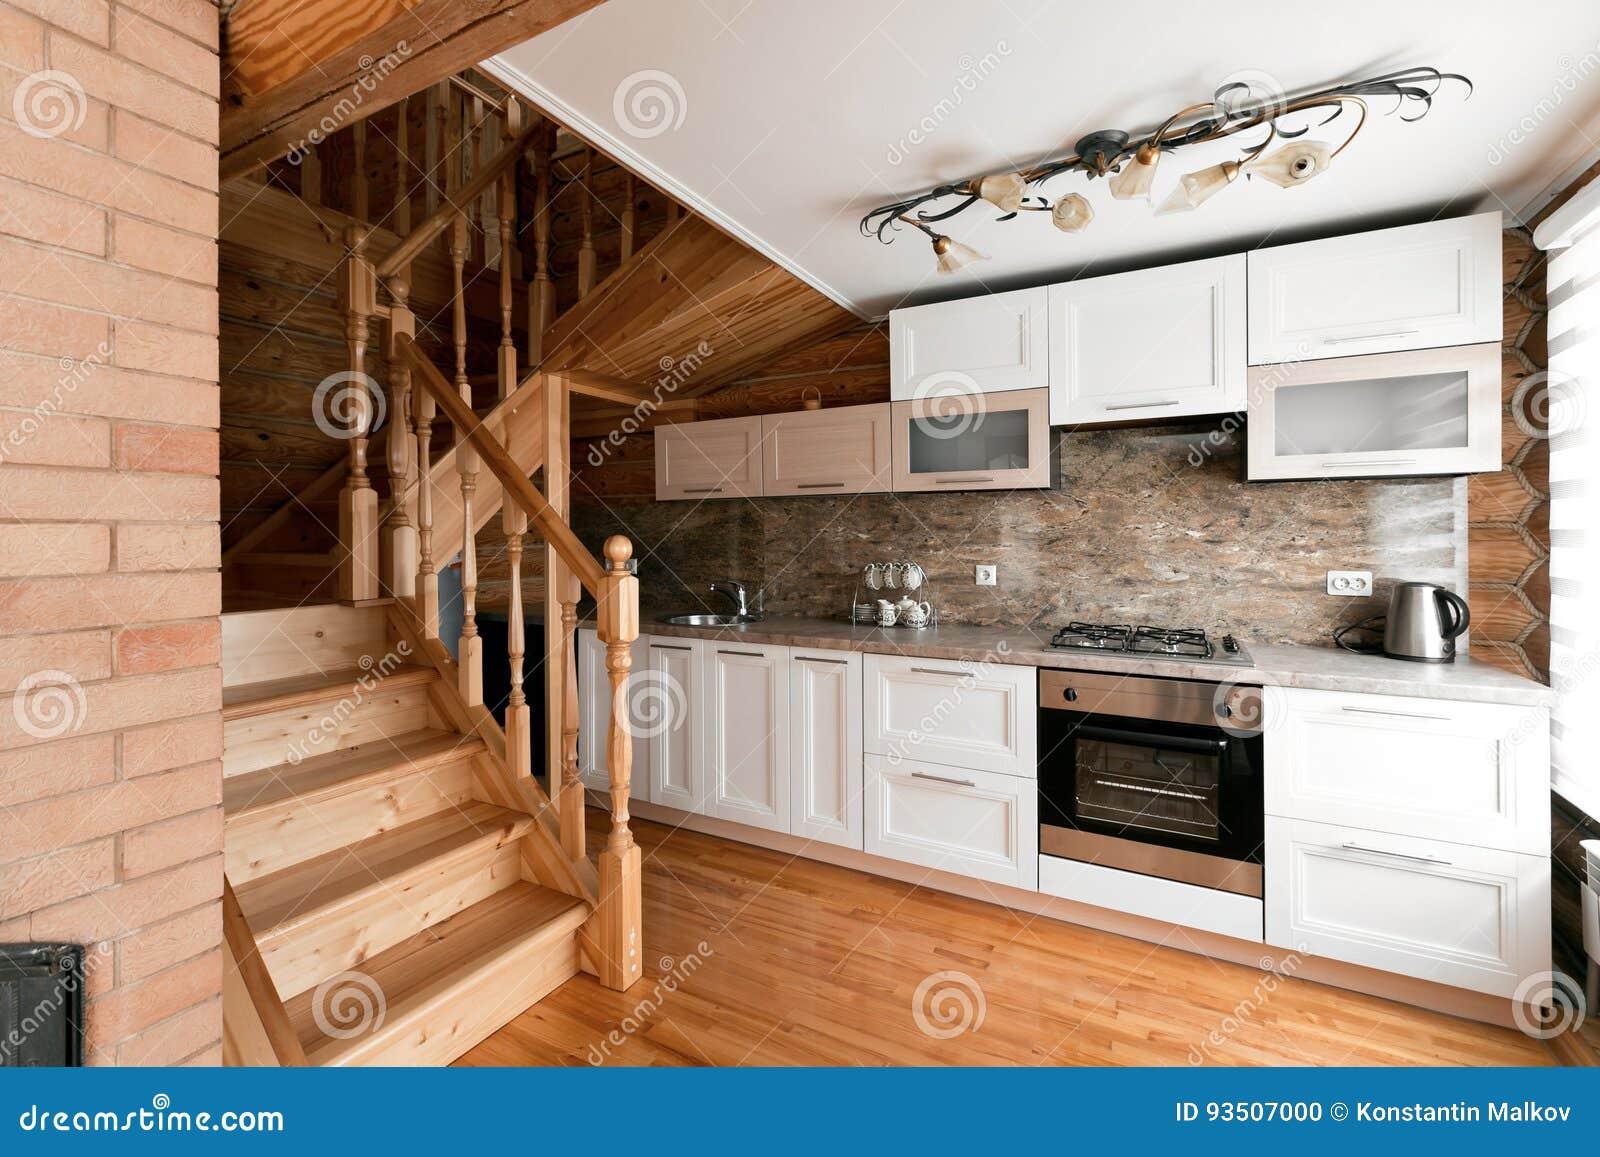 El cuarto de la cocina en una caba a de madera r stica en las monta as con un interior hermoso - Cabanas de madera los pinos ...